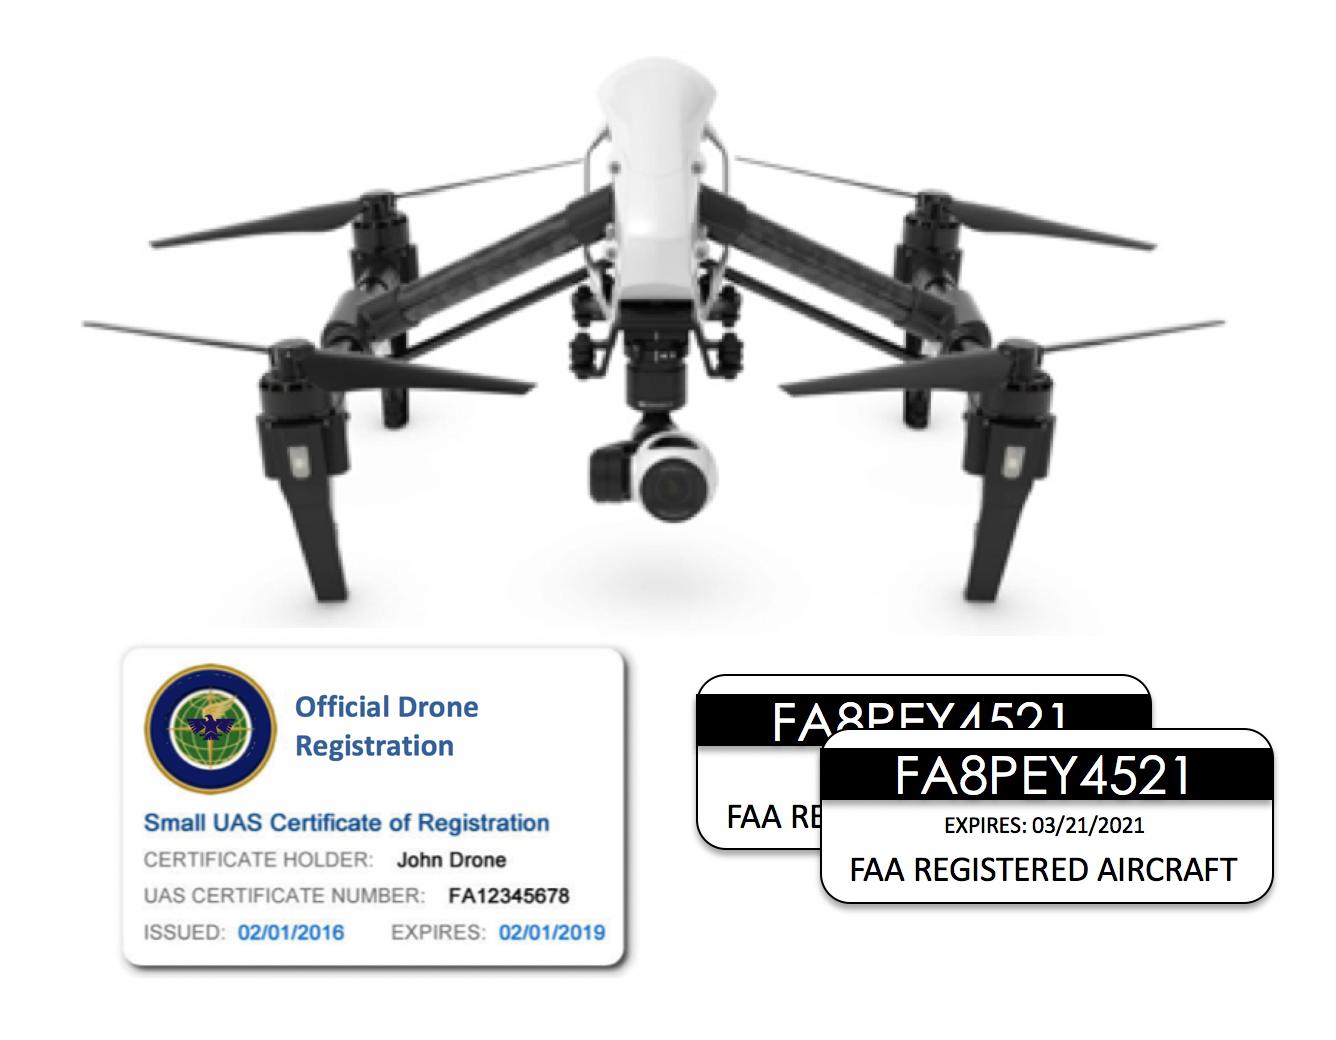 Drone Registration + ID Card